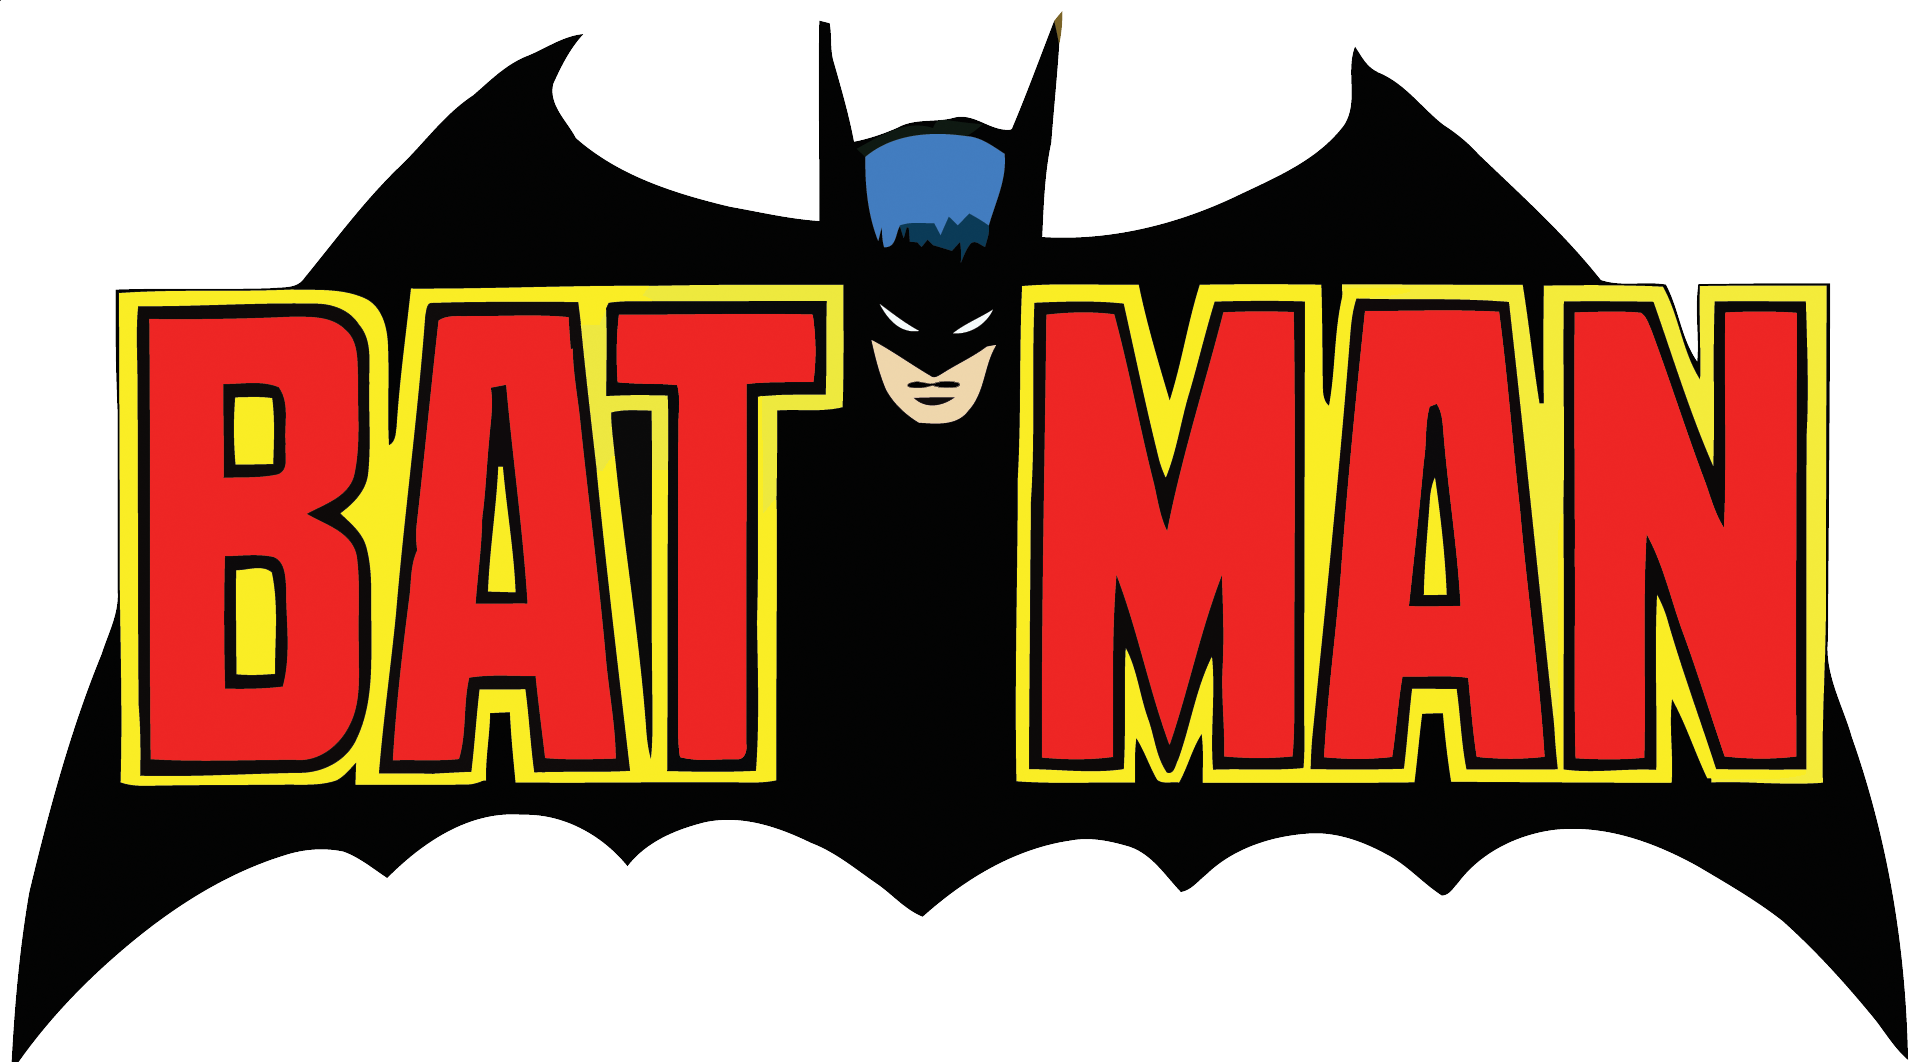 Motorcycle clipart batman. Logo typo sign pinterest